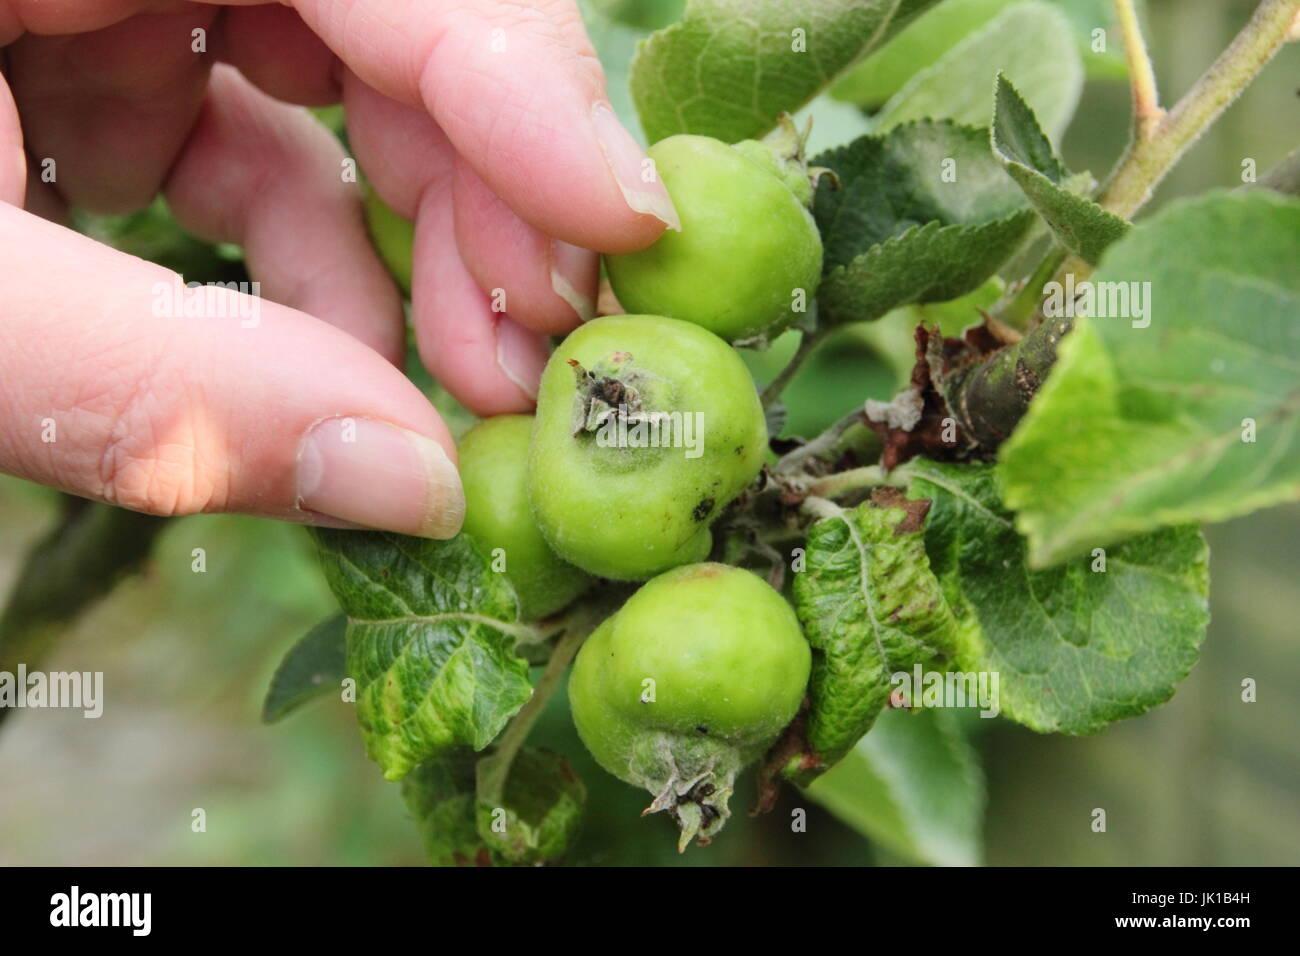 Jardinero adelgazamiento Bramley jóvenes plántulas de manzanas (Malus domestica) en verano para fomentar Imagen De Stock